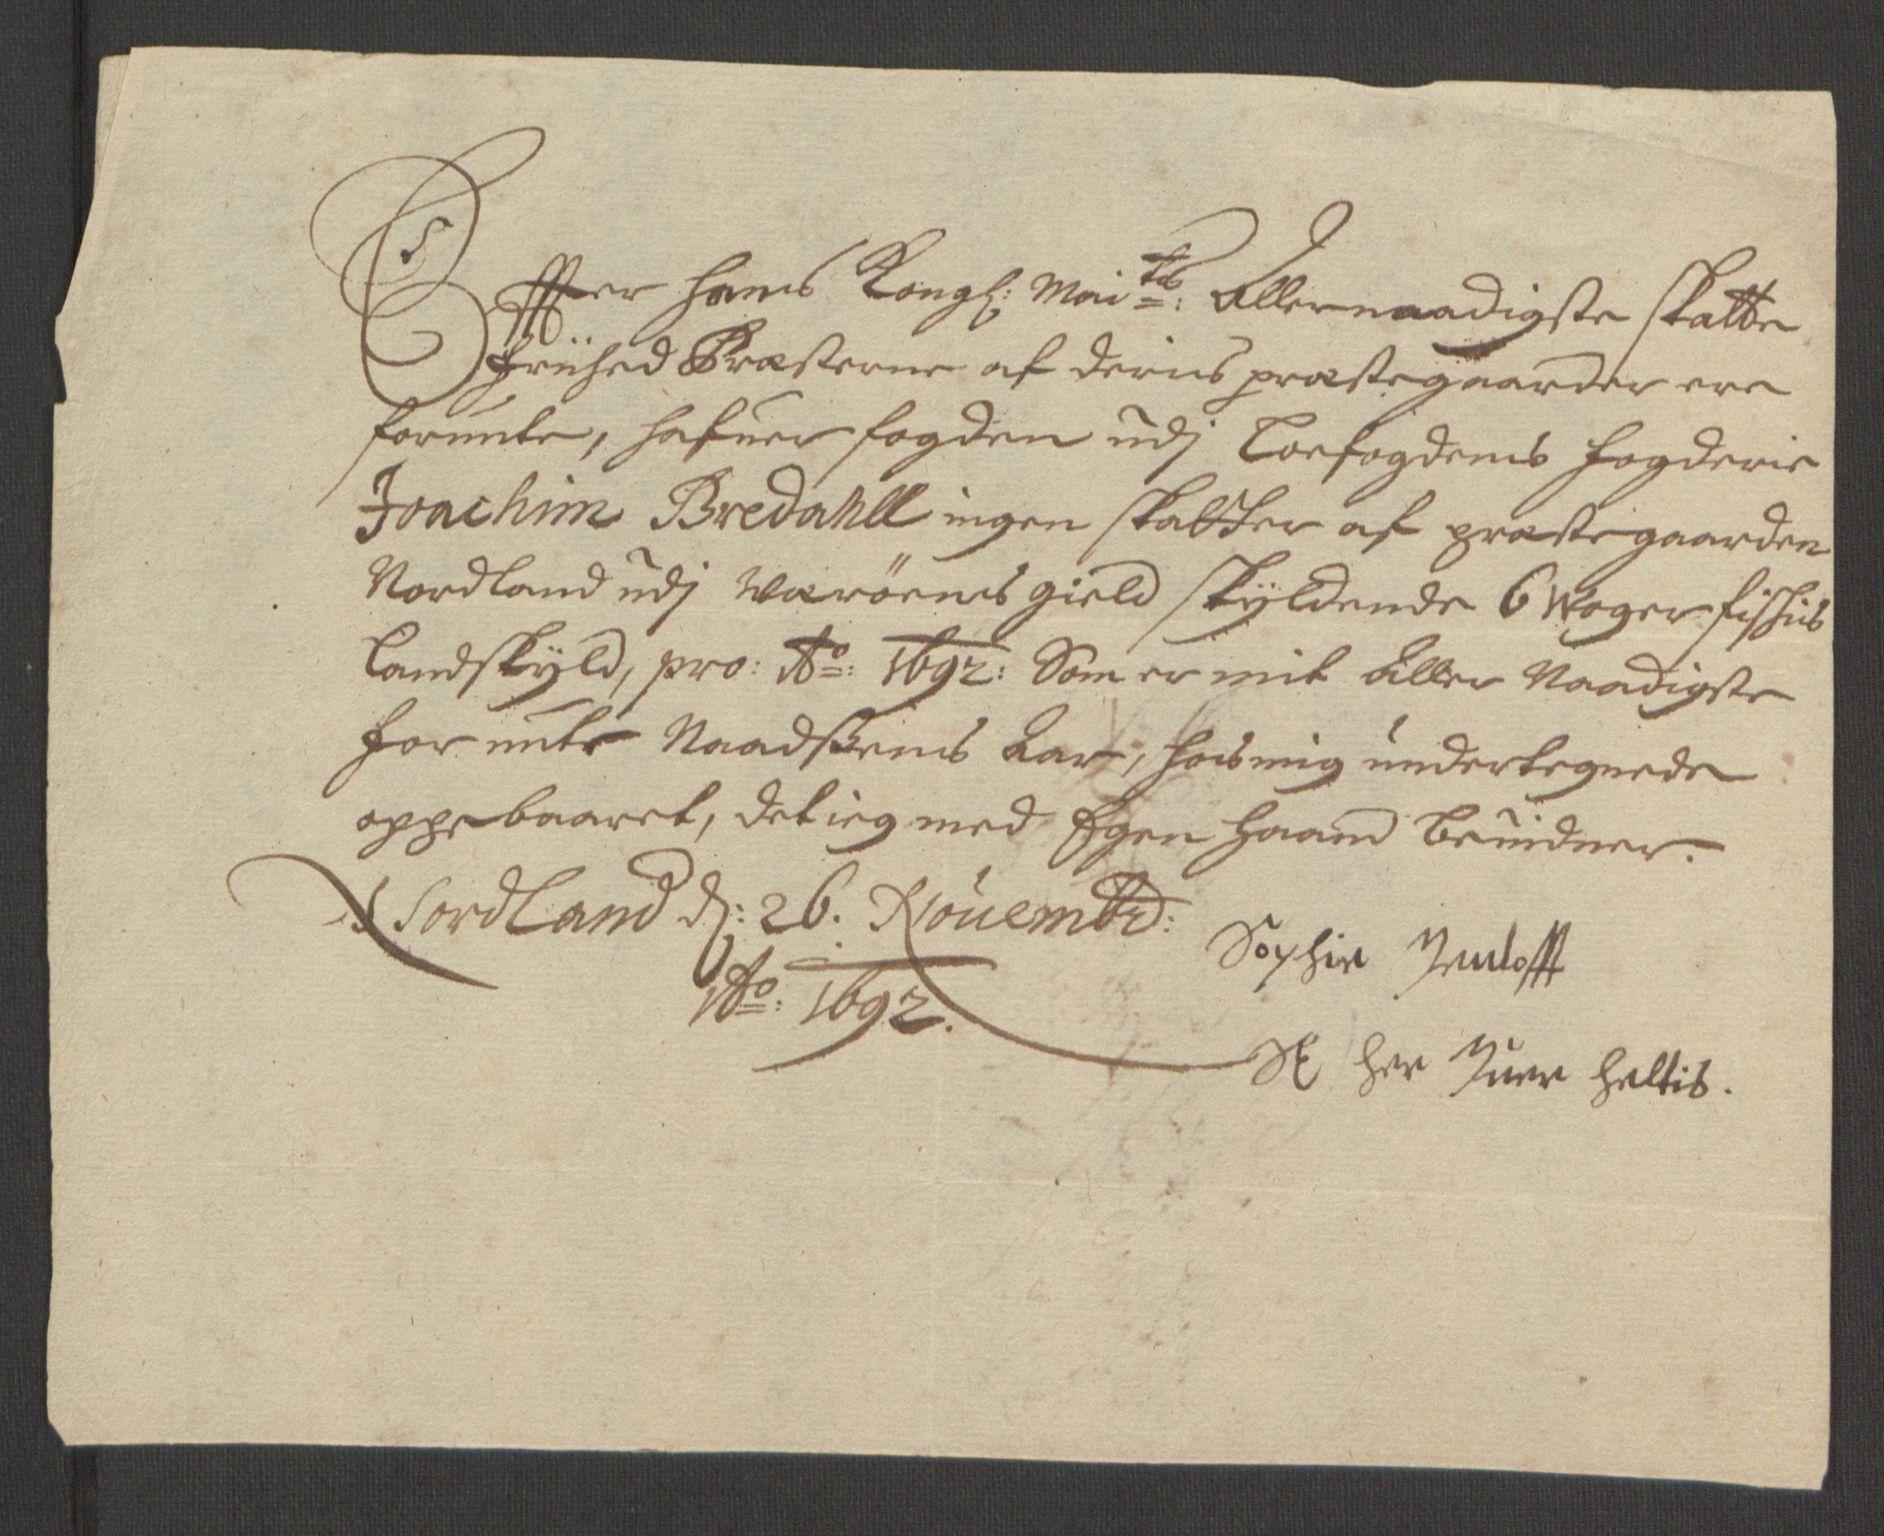 RA, Rentekammeret inntil 1814, Reviderte regnskaper, Fogderegnskap, R67/L4675: Fogderegnskap Vesterålen, Andenes og Lofoten, 1691-1693, s. 204